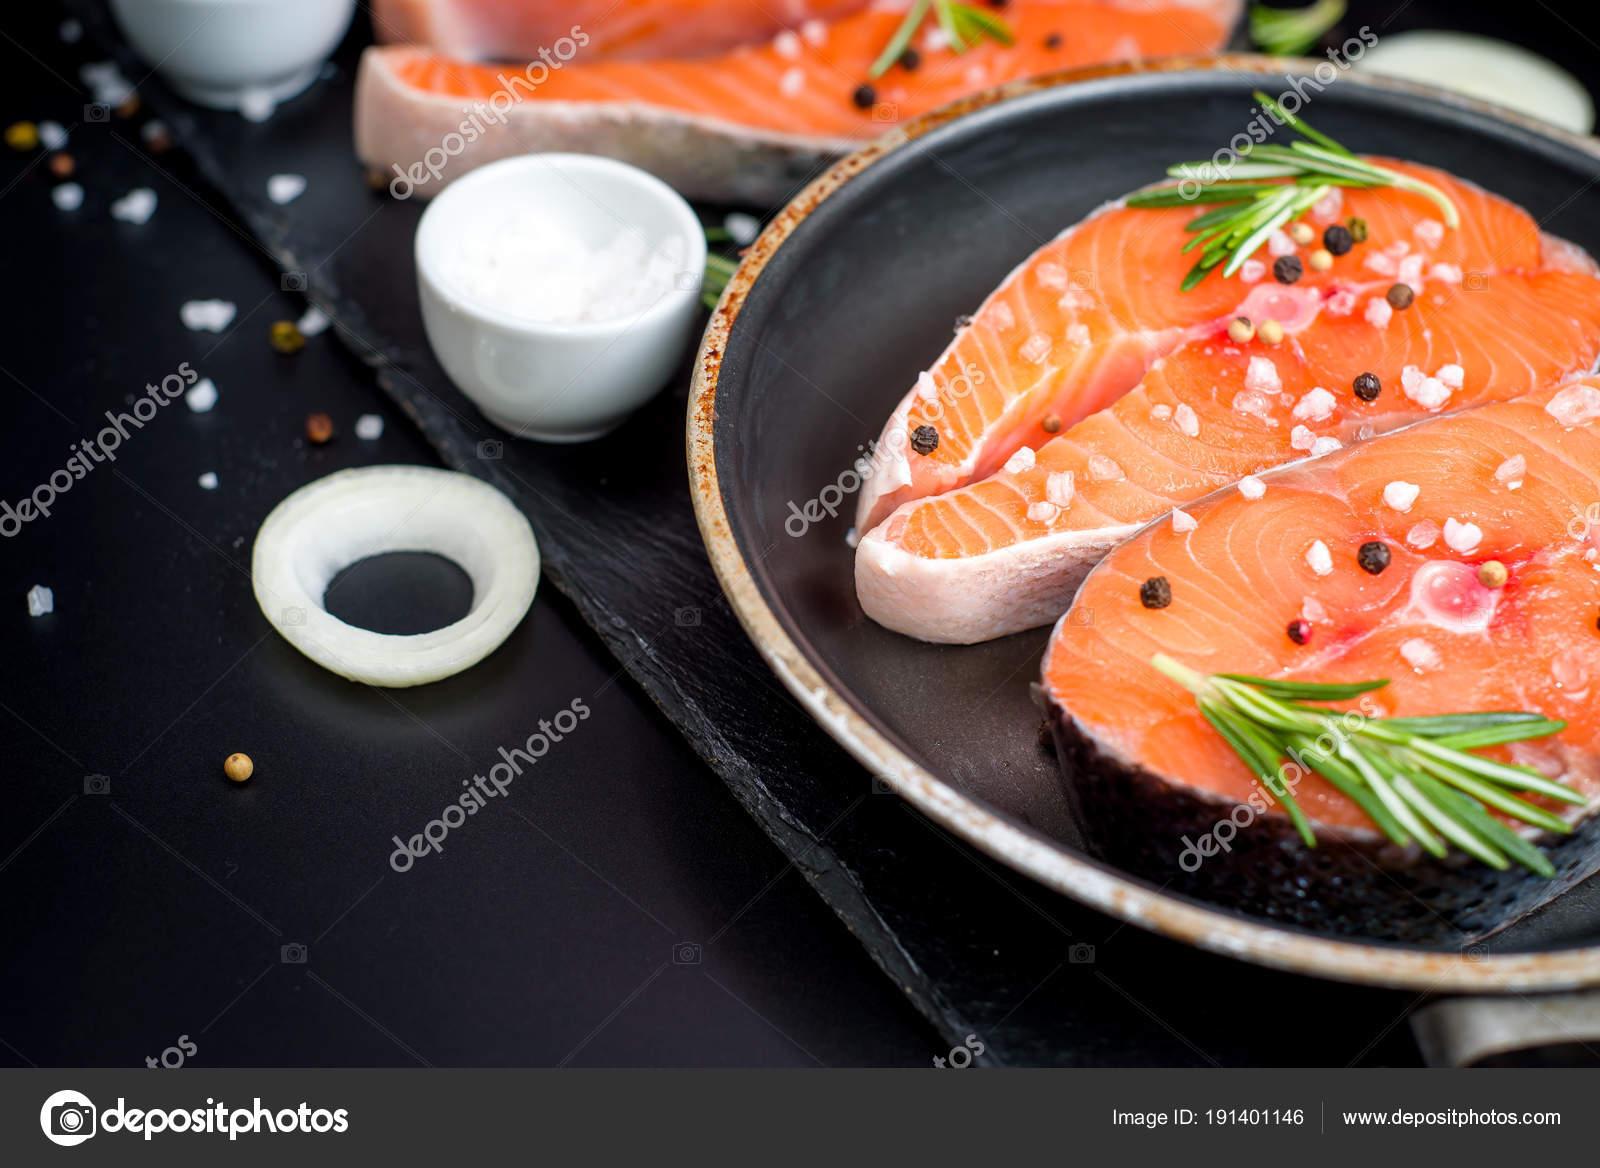 Pescado Crudo Preparado Salmón O Trucha, Carnes, En Una Sartén Para Cocinar,  Con Sal, ...